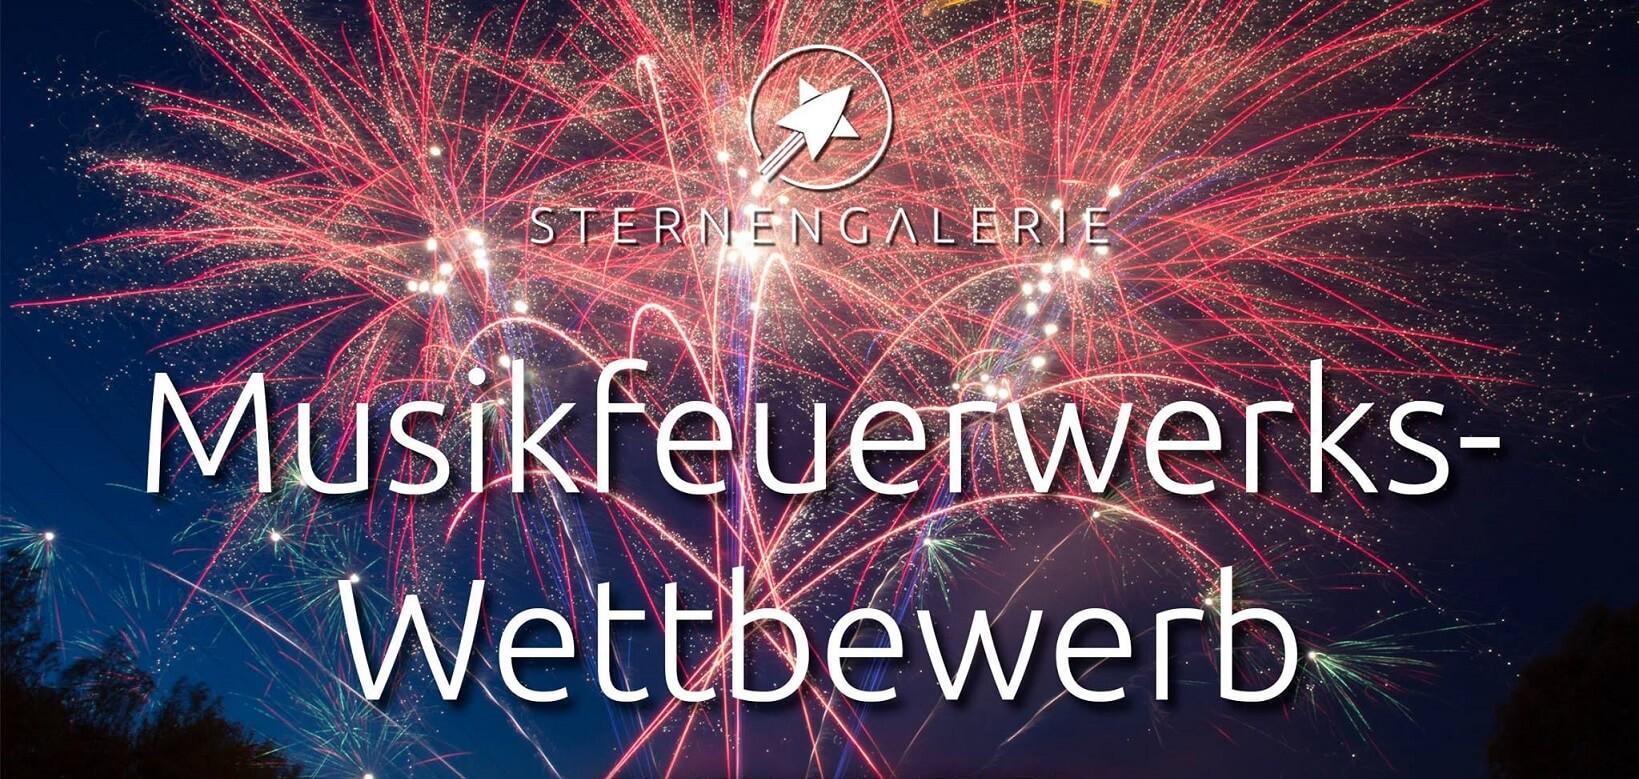 SternenCup 2017 2018 Wettbewerb